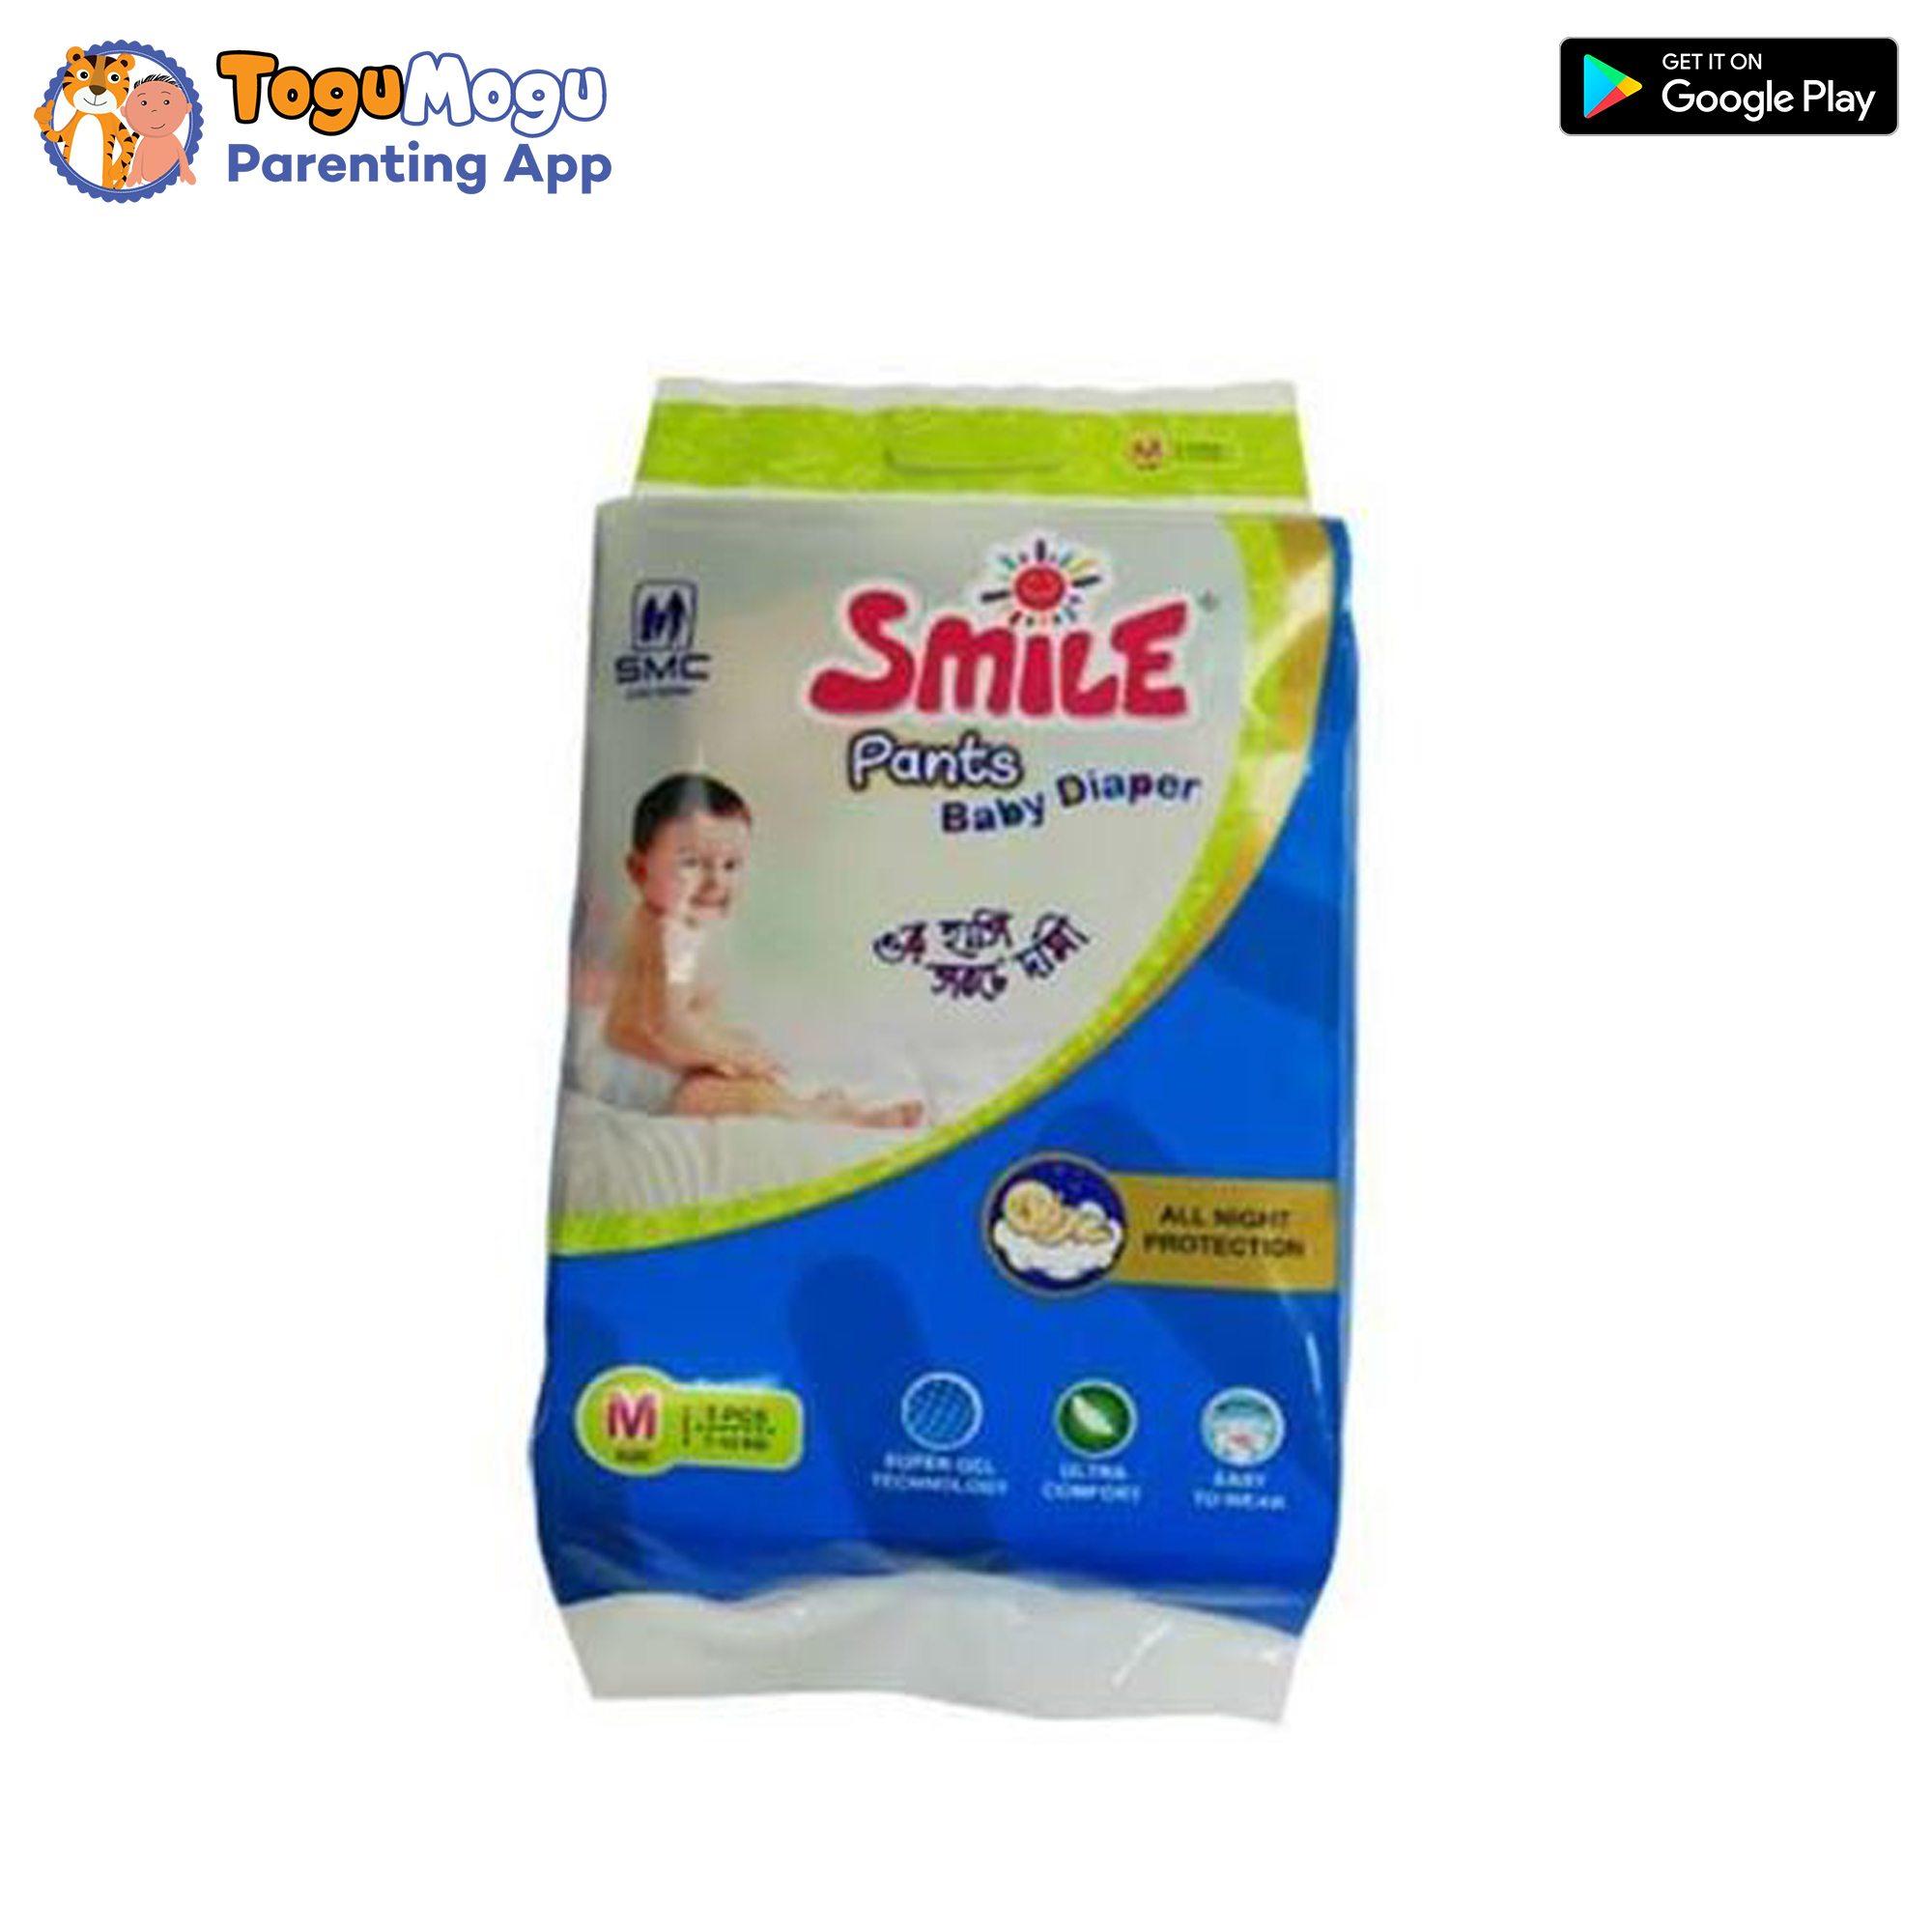 SMC Smile Baby Diaper Pant 7-12 kg (M) 5 Pieces